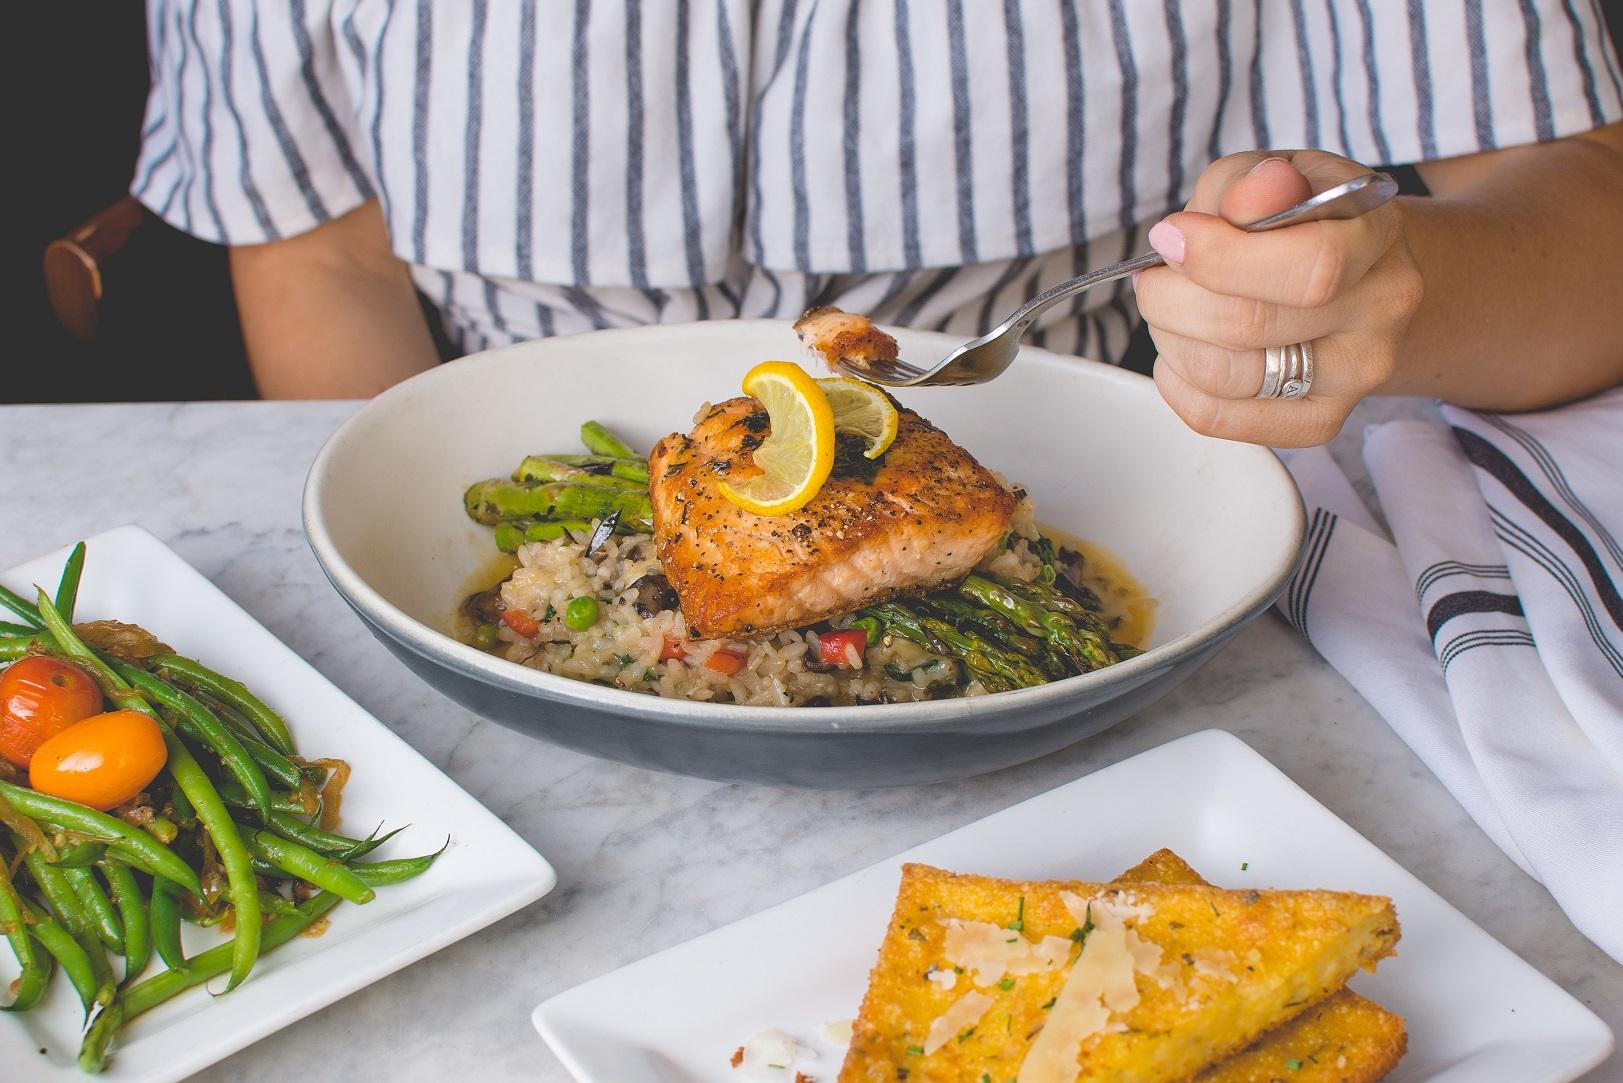 Dla kogo i jak wygląda dieta bezglutenowa?